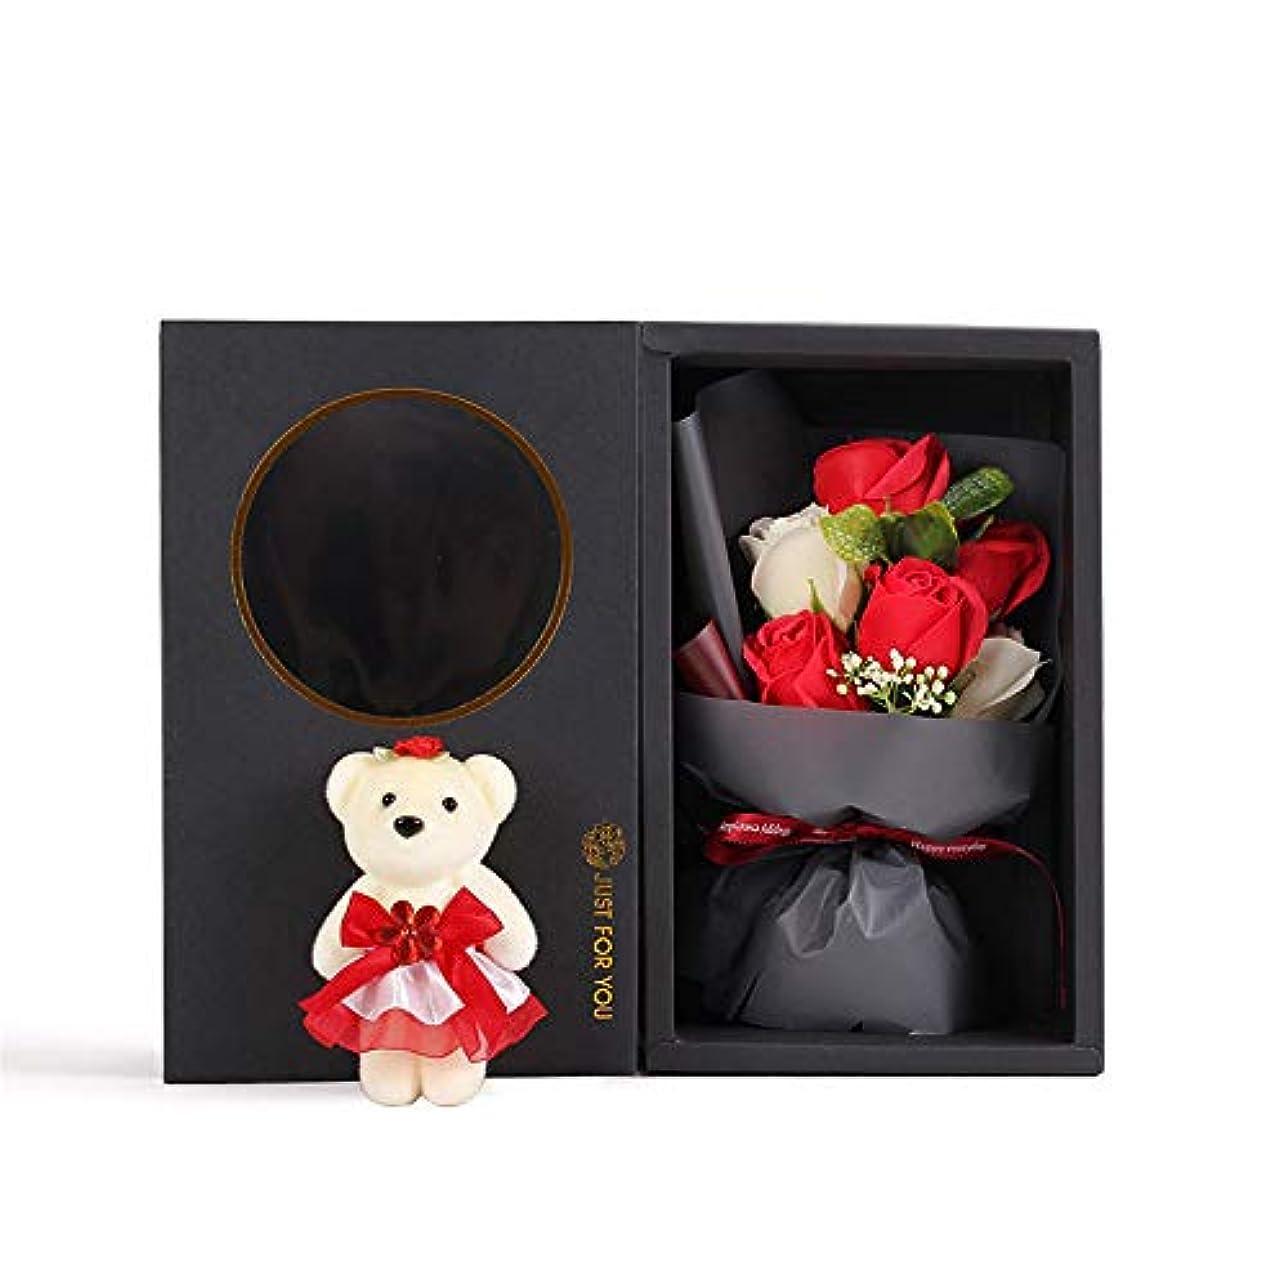 量非互換定義手作り6石鹸花の花束ギフトボックス、女性のためのギフトあなたがバレンタインデー、母の日、結婚式、クリスマス、誕生日を愛した女の子(ベアカラーランダム) (色 : 赤)